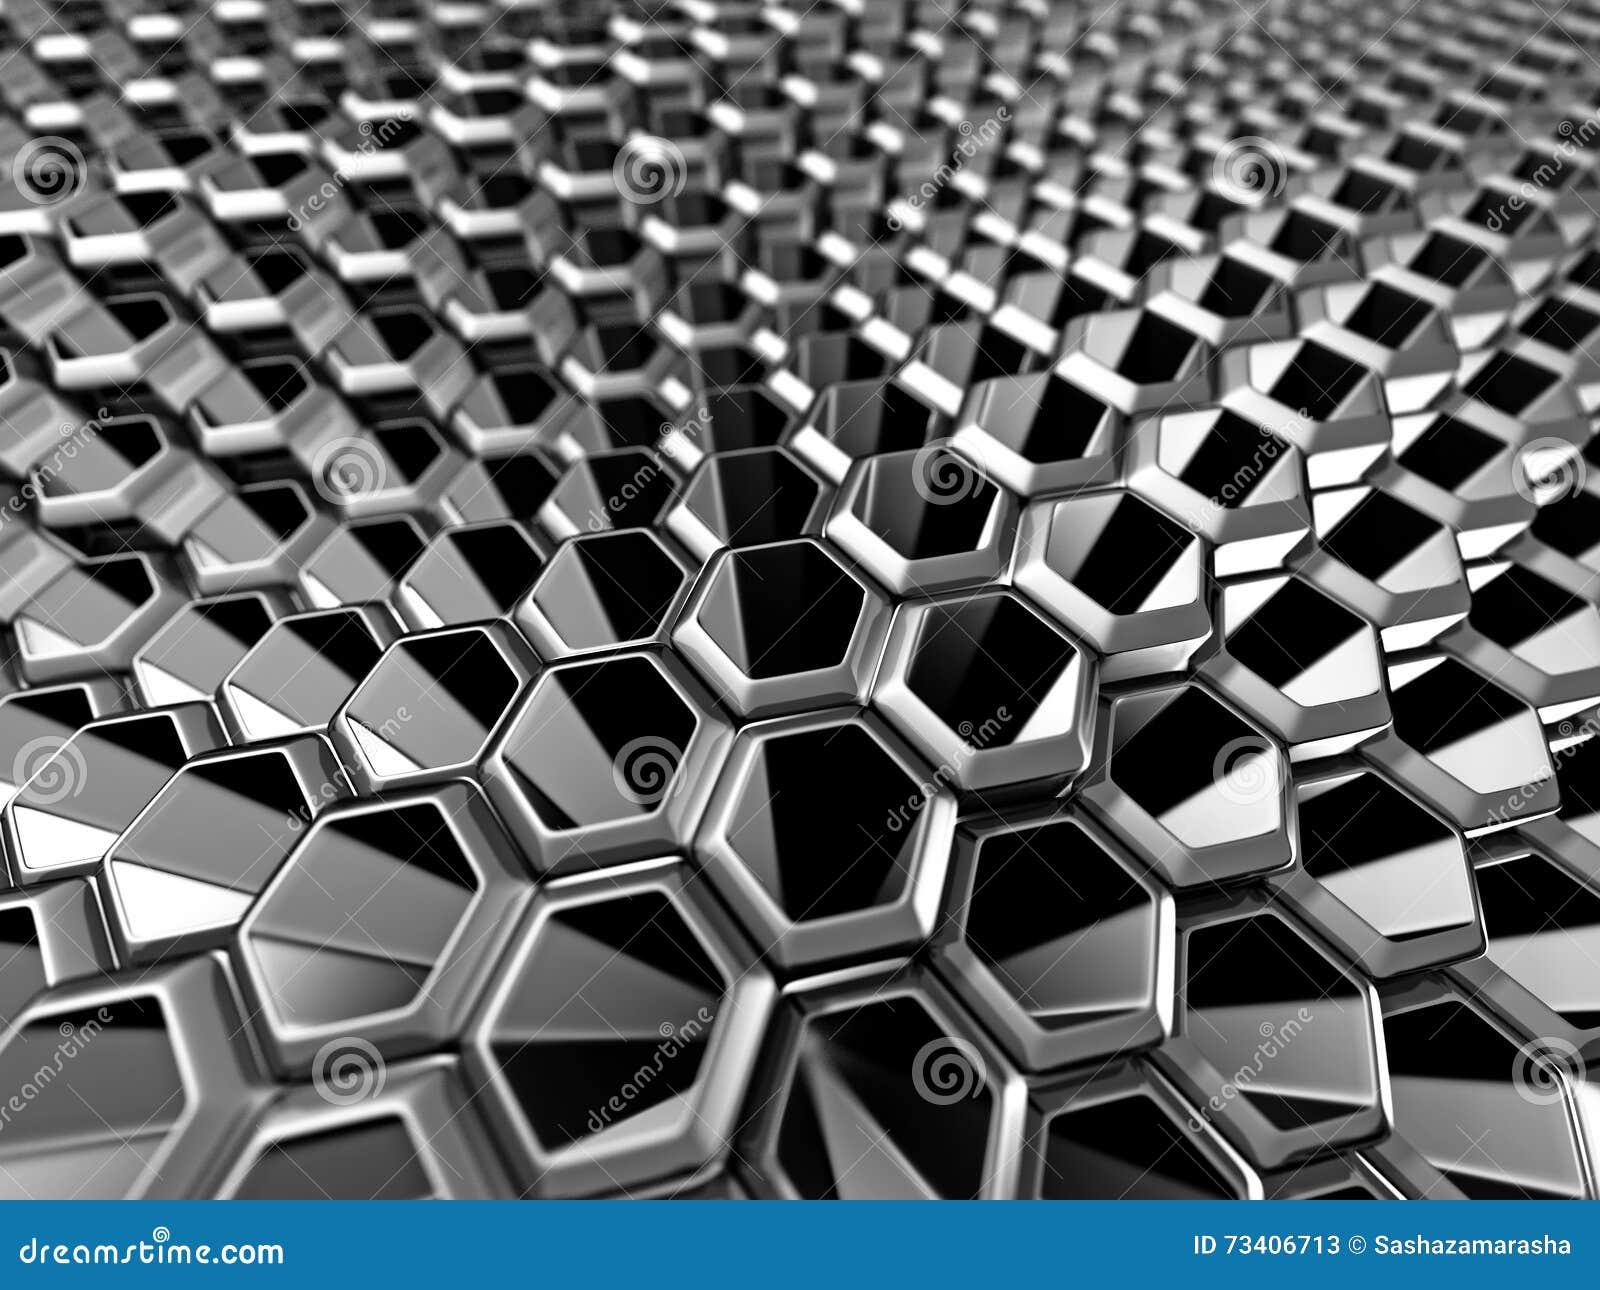 Fondo Azul Metálico Abstracto De Diseño Moderno De La: Fondo Brillante Metálico De Plata Abstracto De Alluminium